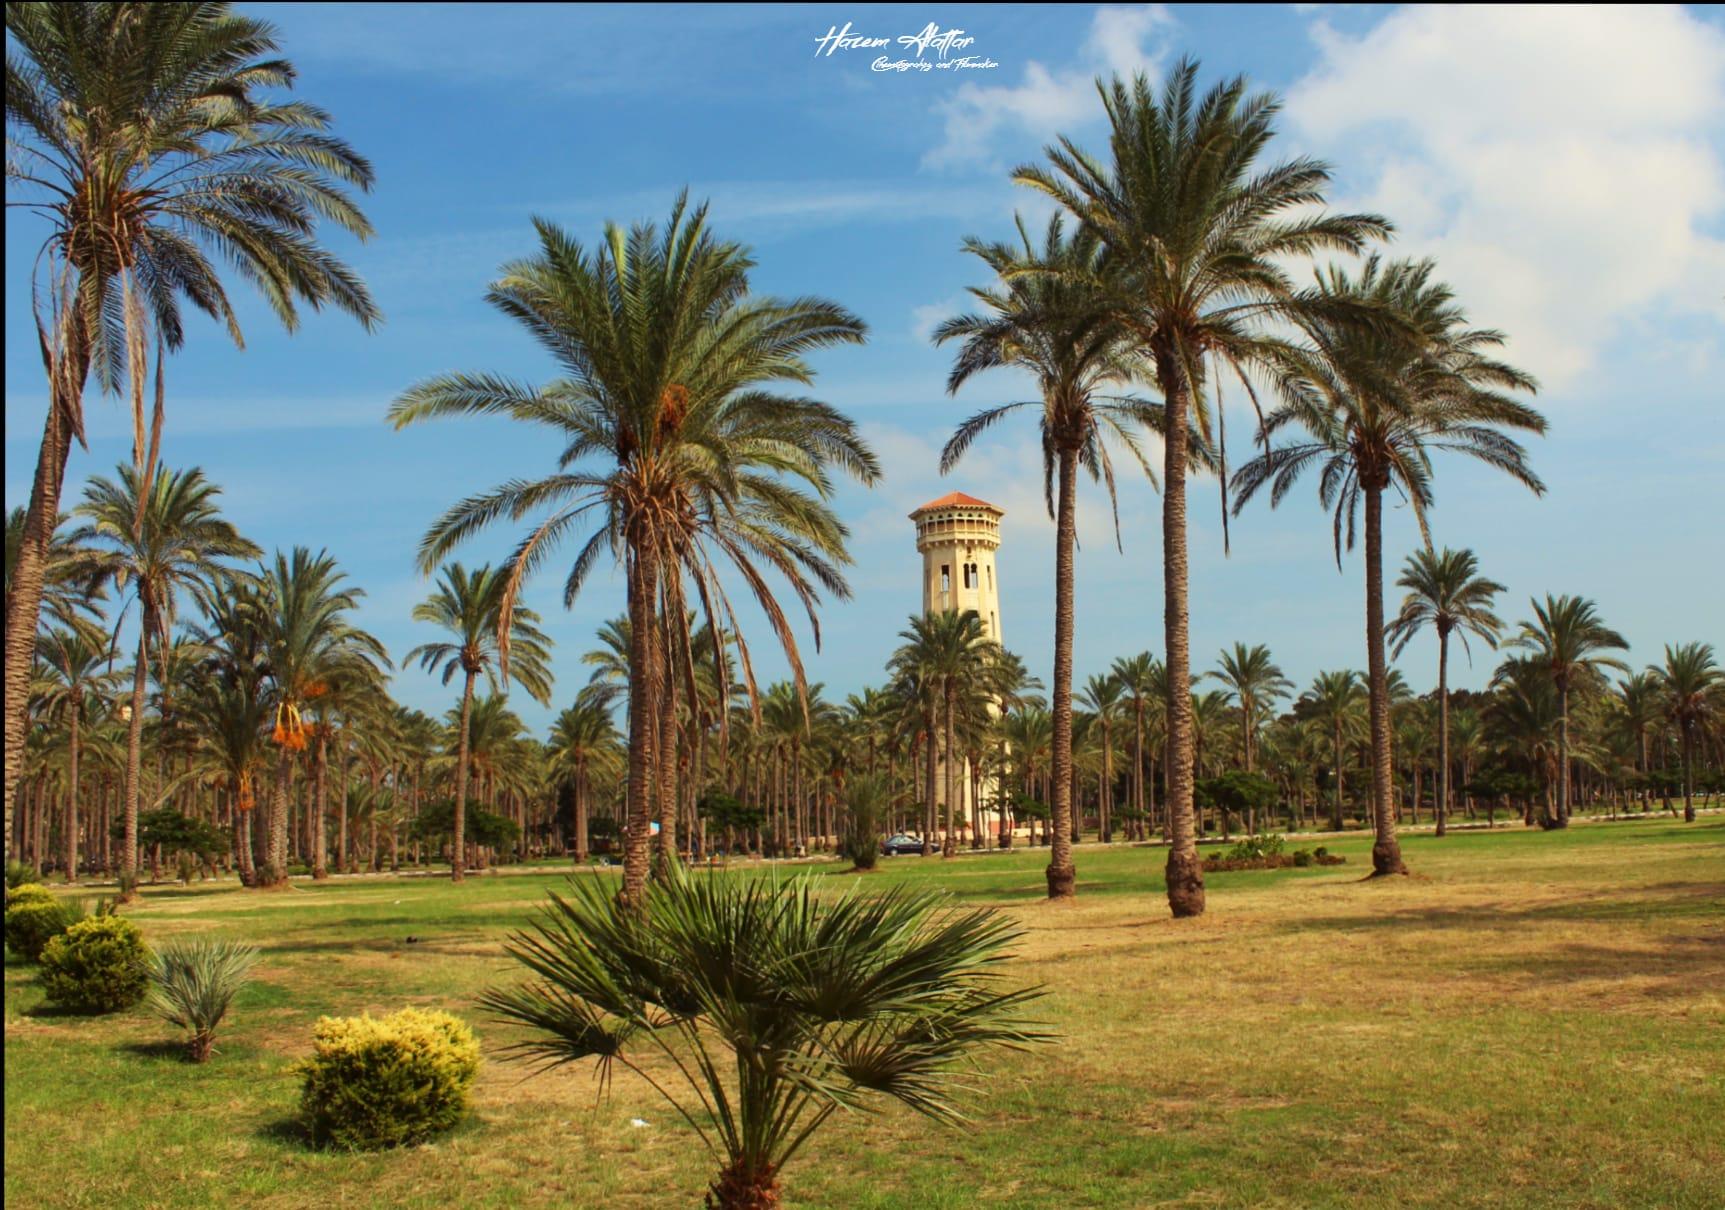 قصر المنتزه بالاسكندرية